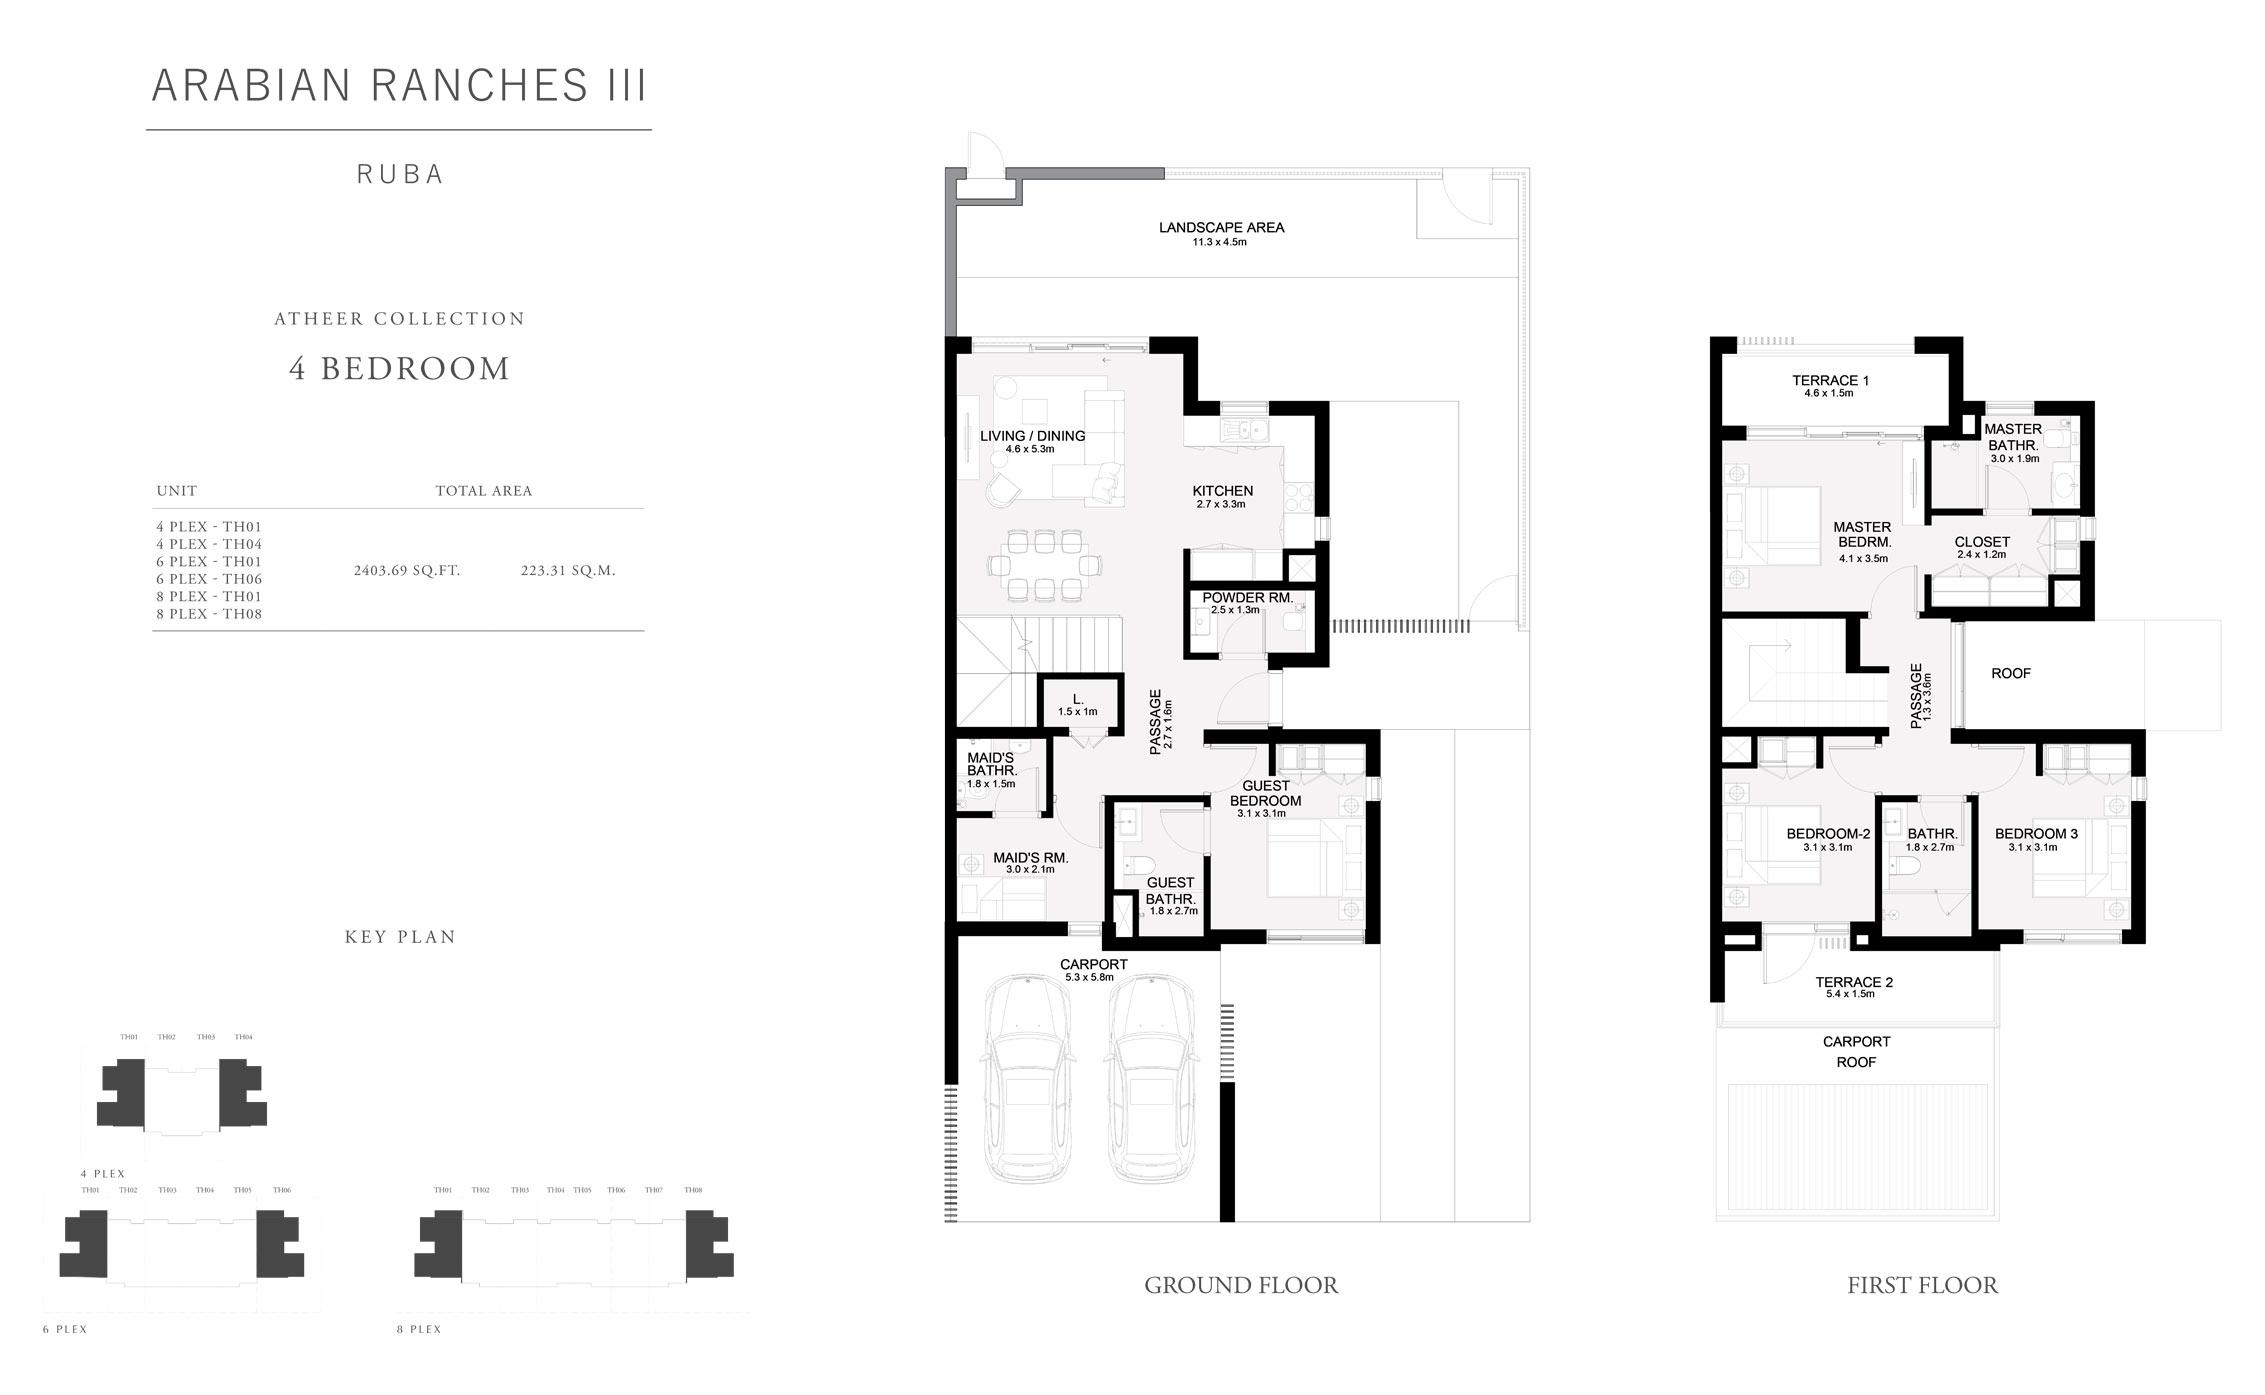 مجموعة أثير تاون هاوس من 4 غرف نوم ، حجم 2403 قدم مربع